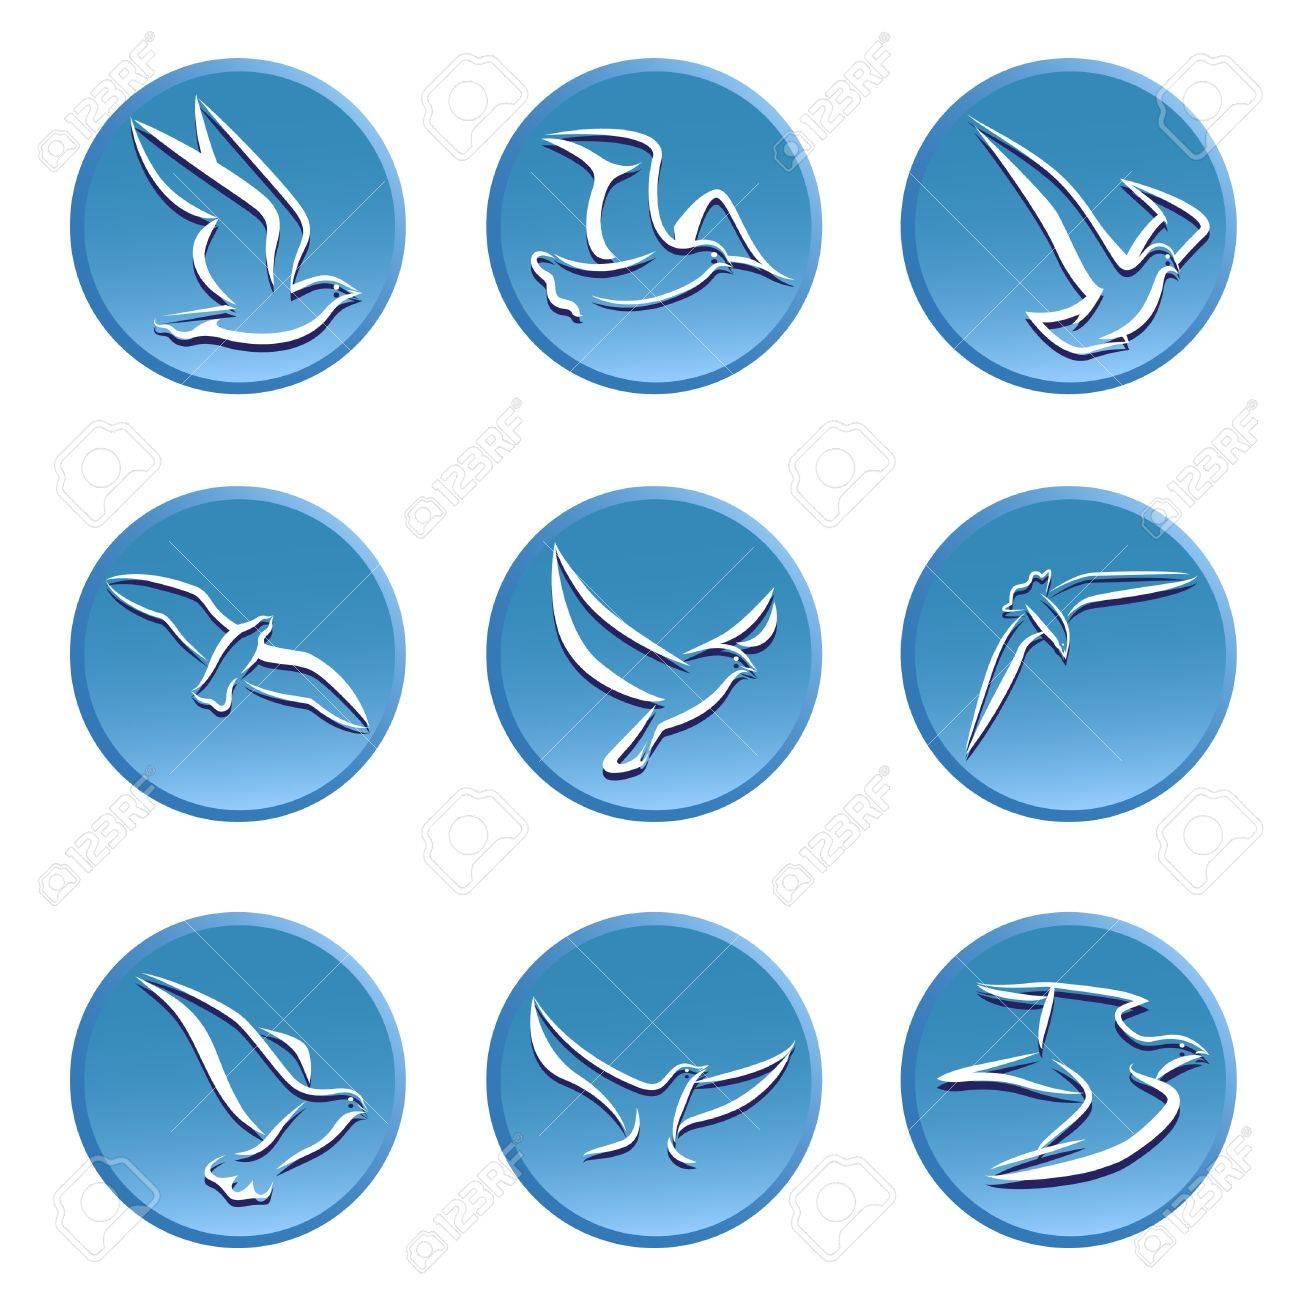 bird icon set Stock Vector - 11155525